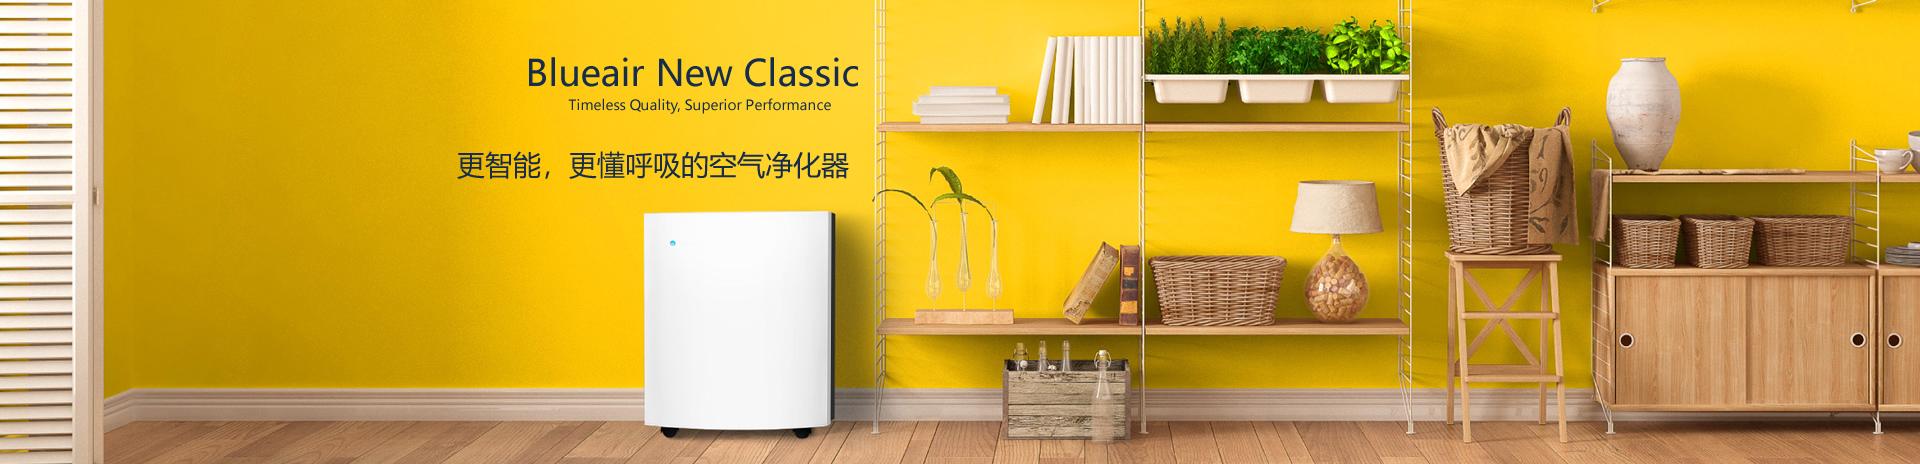 Blueair(布鲁雅尔)空气净化器智能新款-爱你所爱